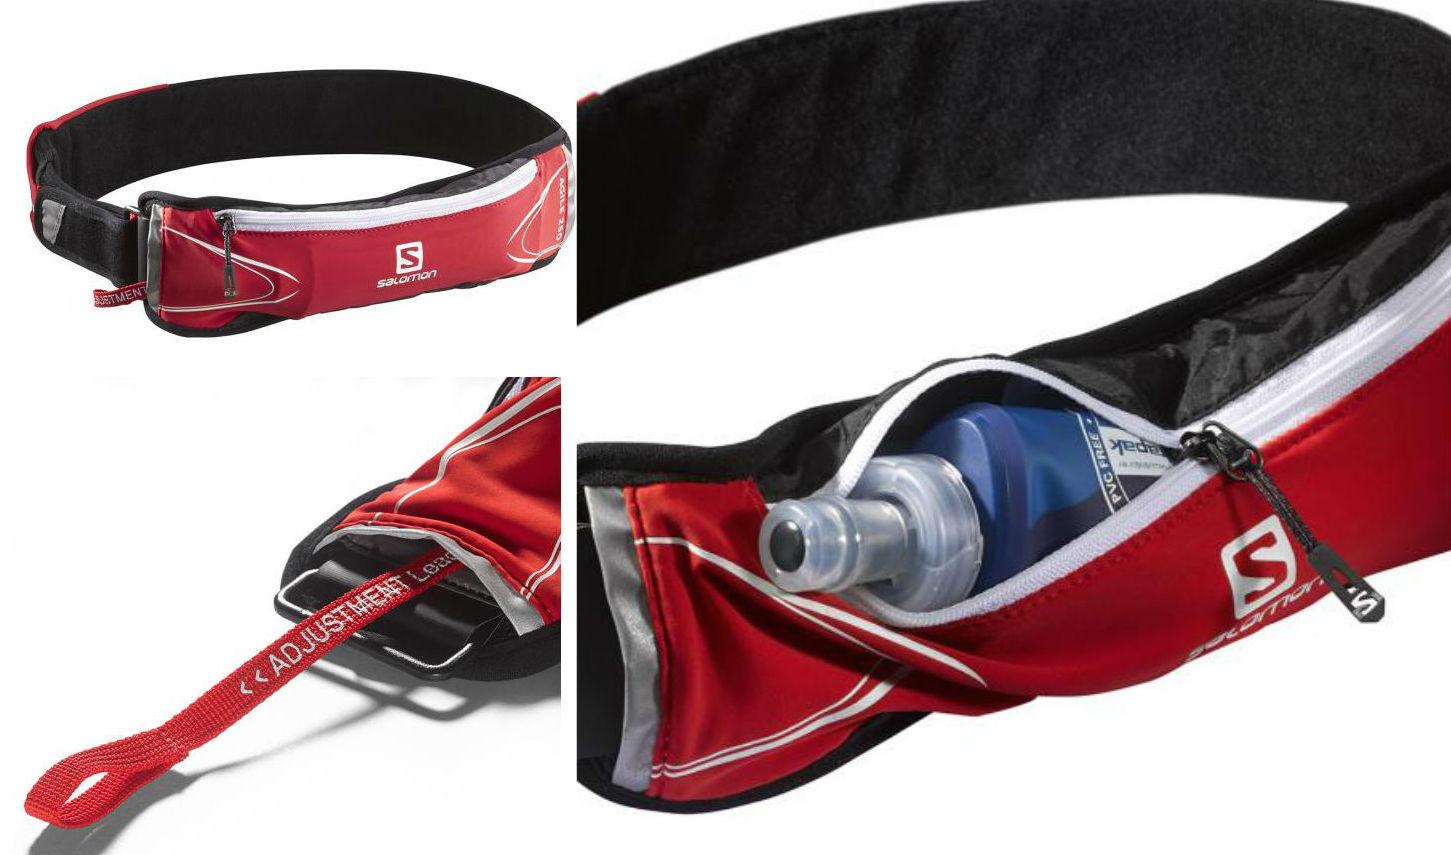 Обзор не гаджета. Выбираем лучший чехол для тренировок и другие аксессуары для смартфонов: повязки, сумки и силиконовый карман Adidas - 8